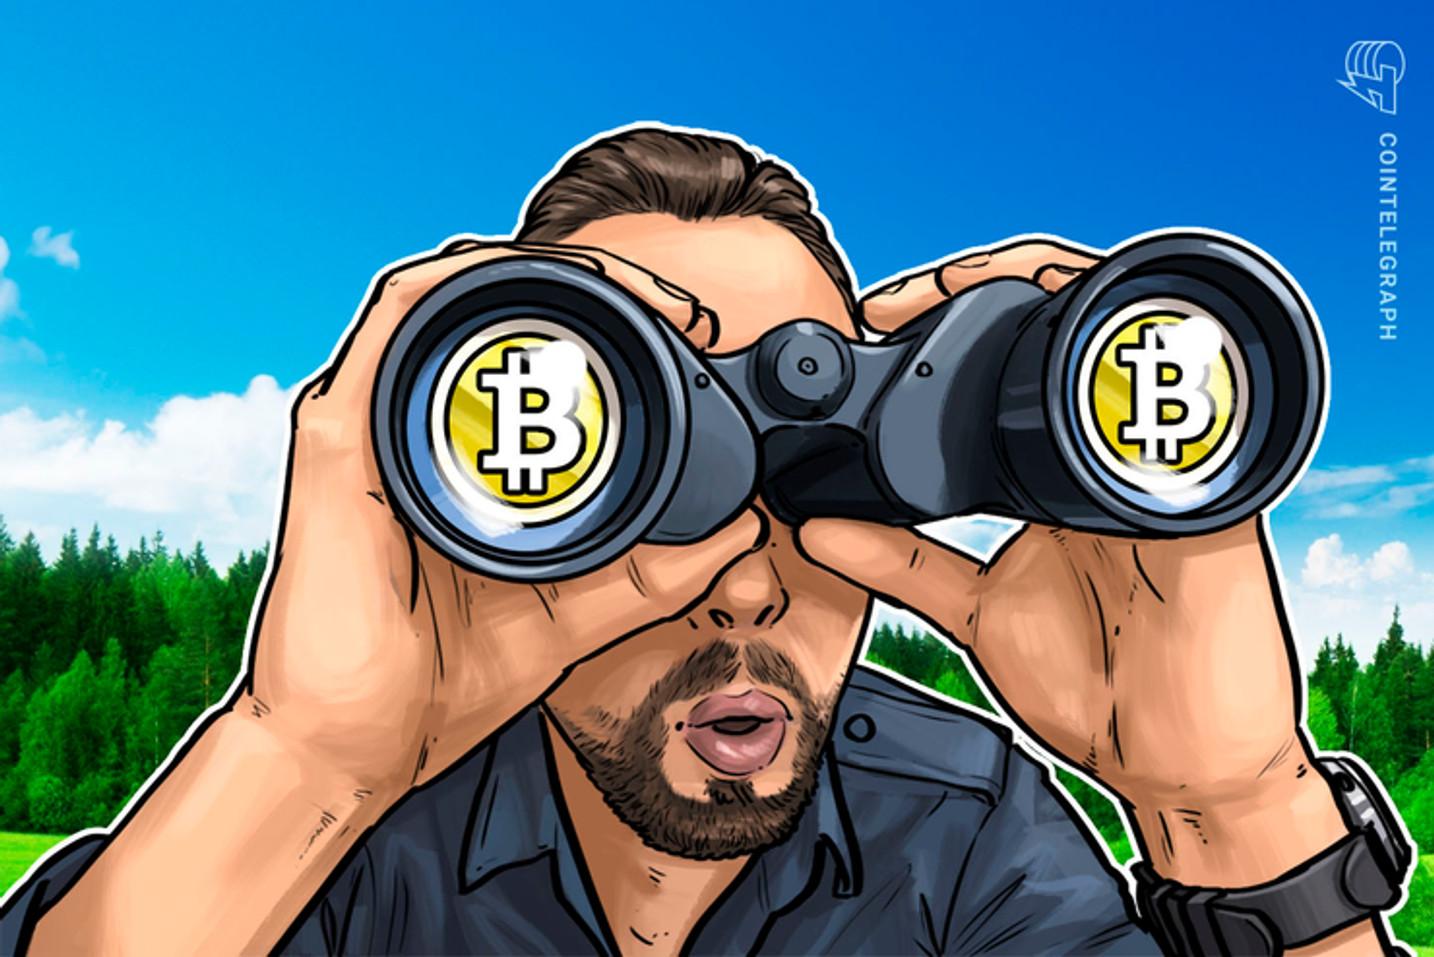 Desde CTF Capital recordaron que el Halving de Bitcoin suele generar oscilaciones importantes de precio antes del evento